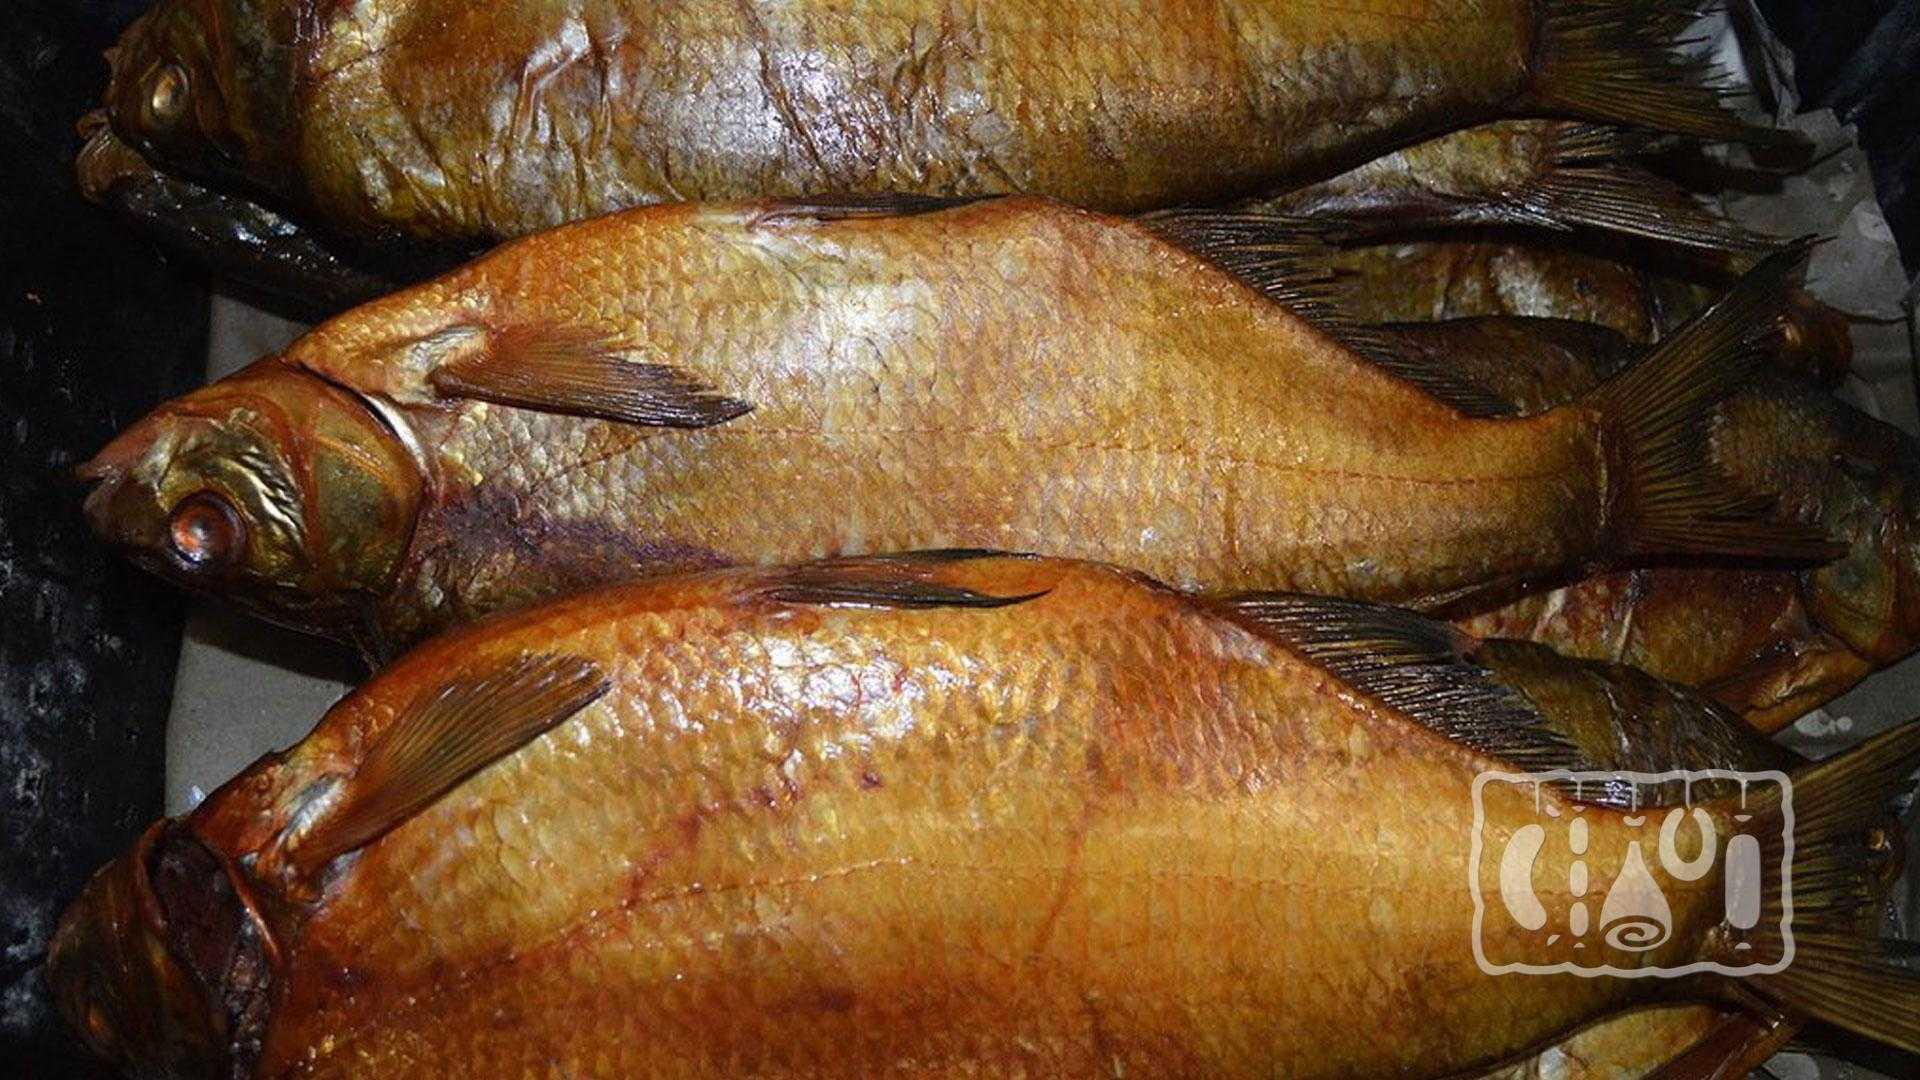 Лещ копченый рецепты приготовления дома. холодное и горячее копчение леща. подготовка к процессу копчения